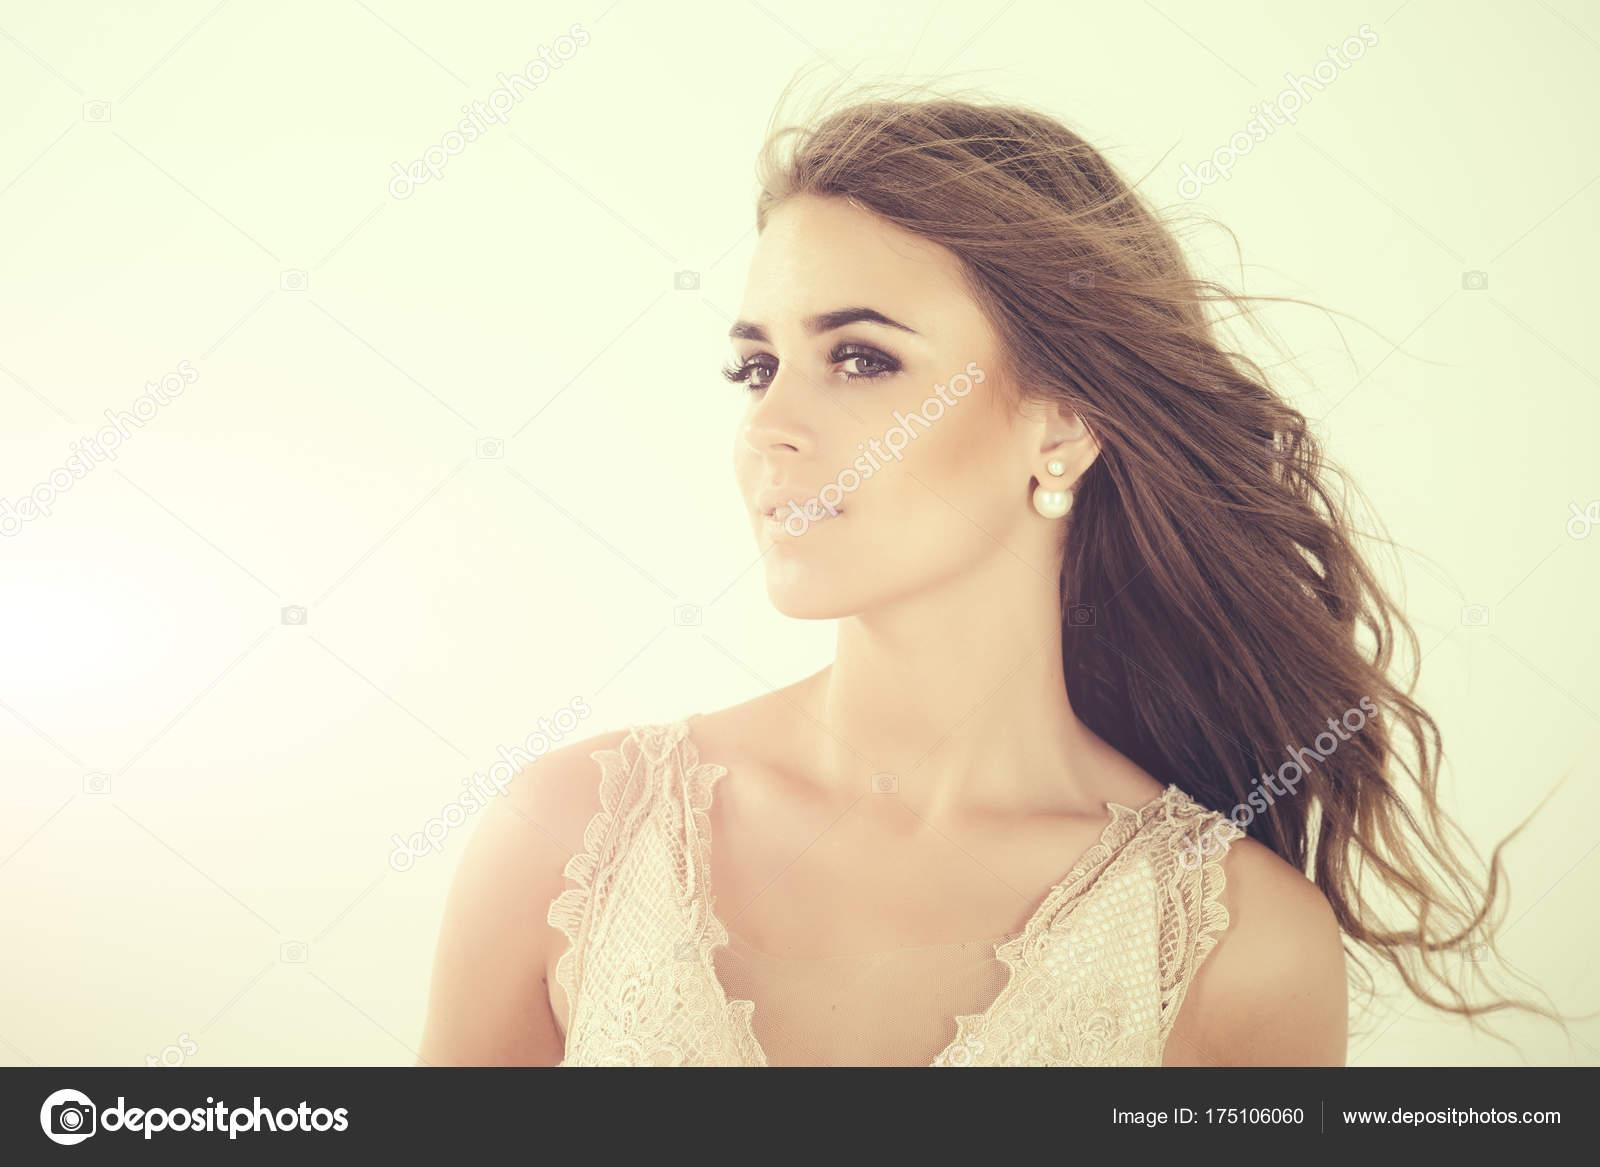 Dibujos Caras Bonitas A Lapiz Mujer Con Estilo De Maquillaje De